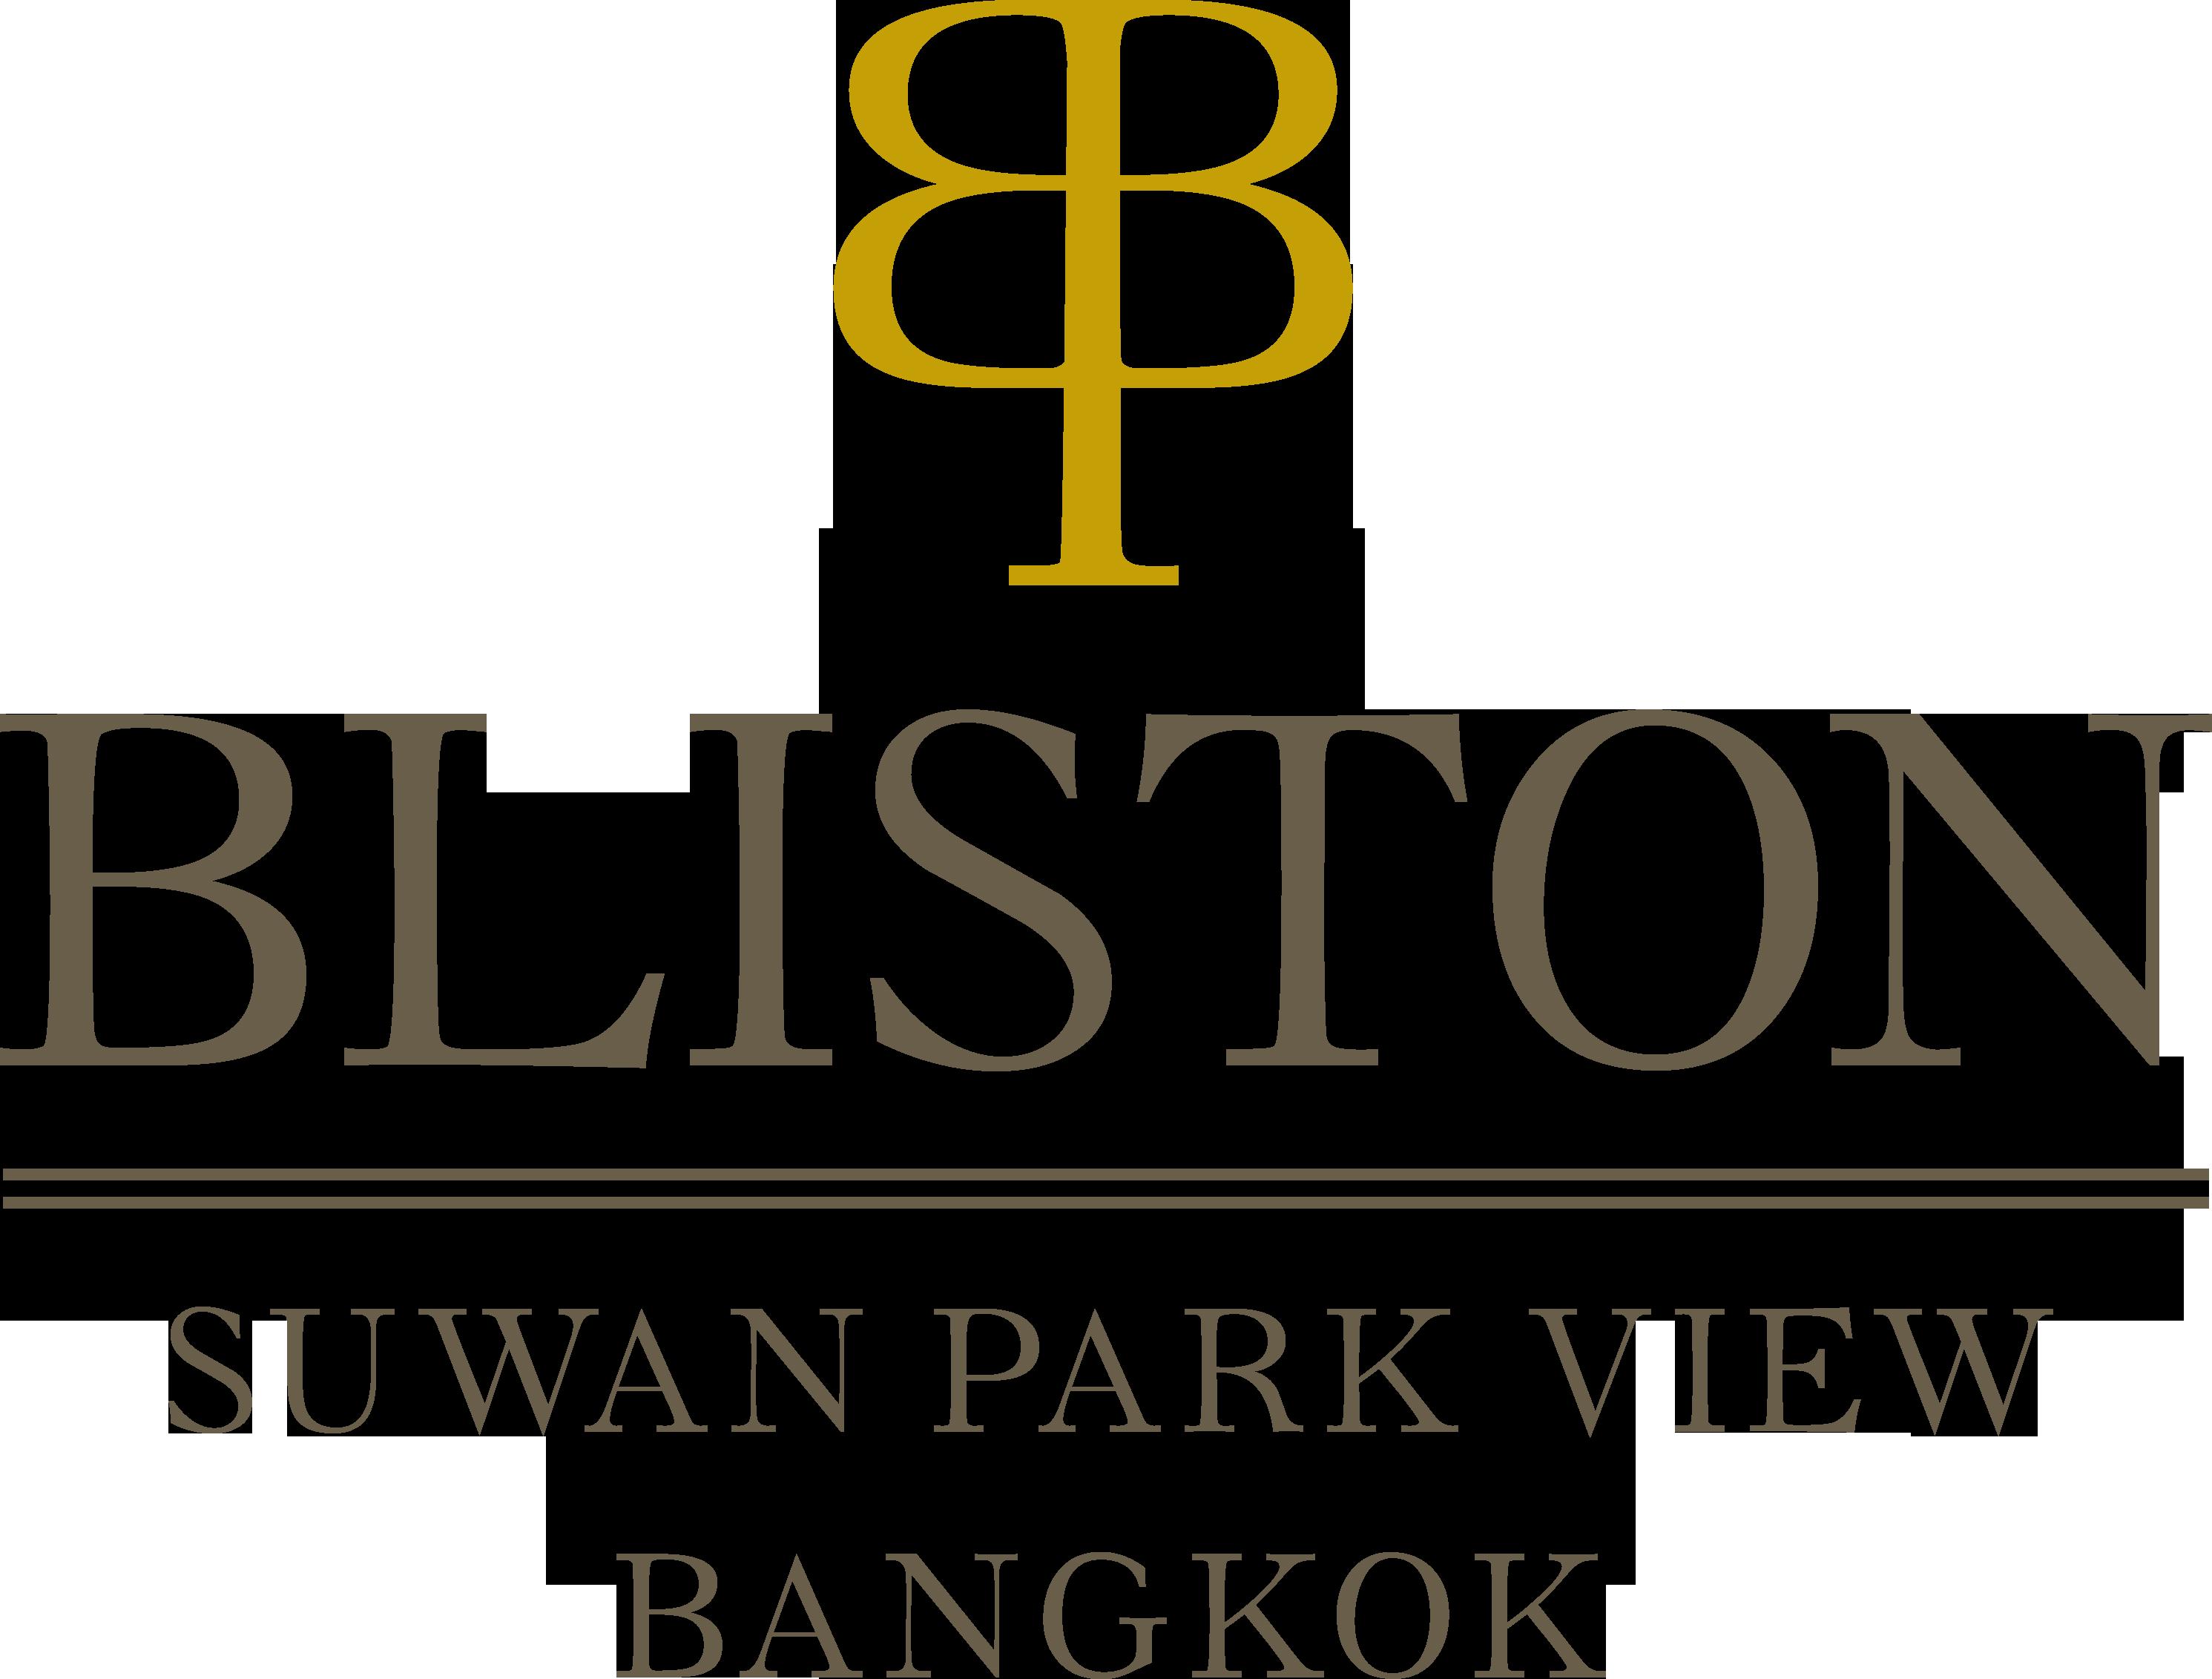 Bliston